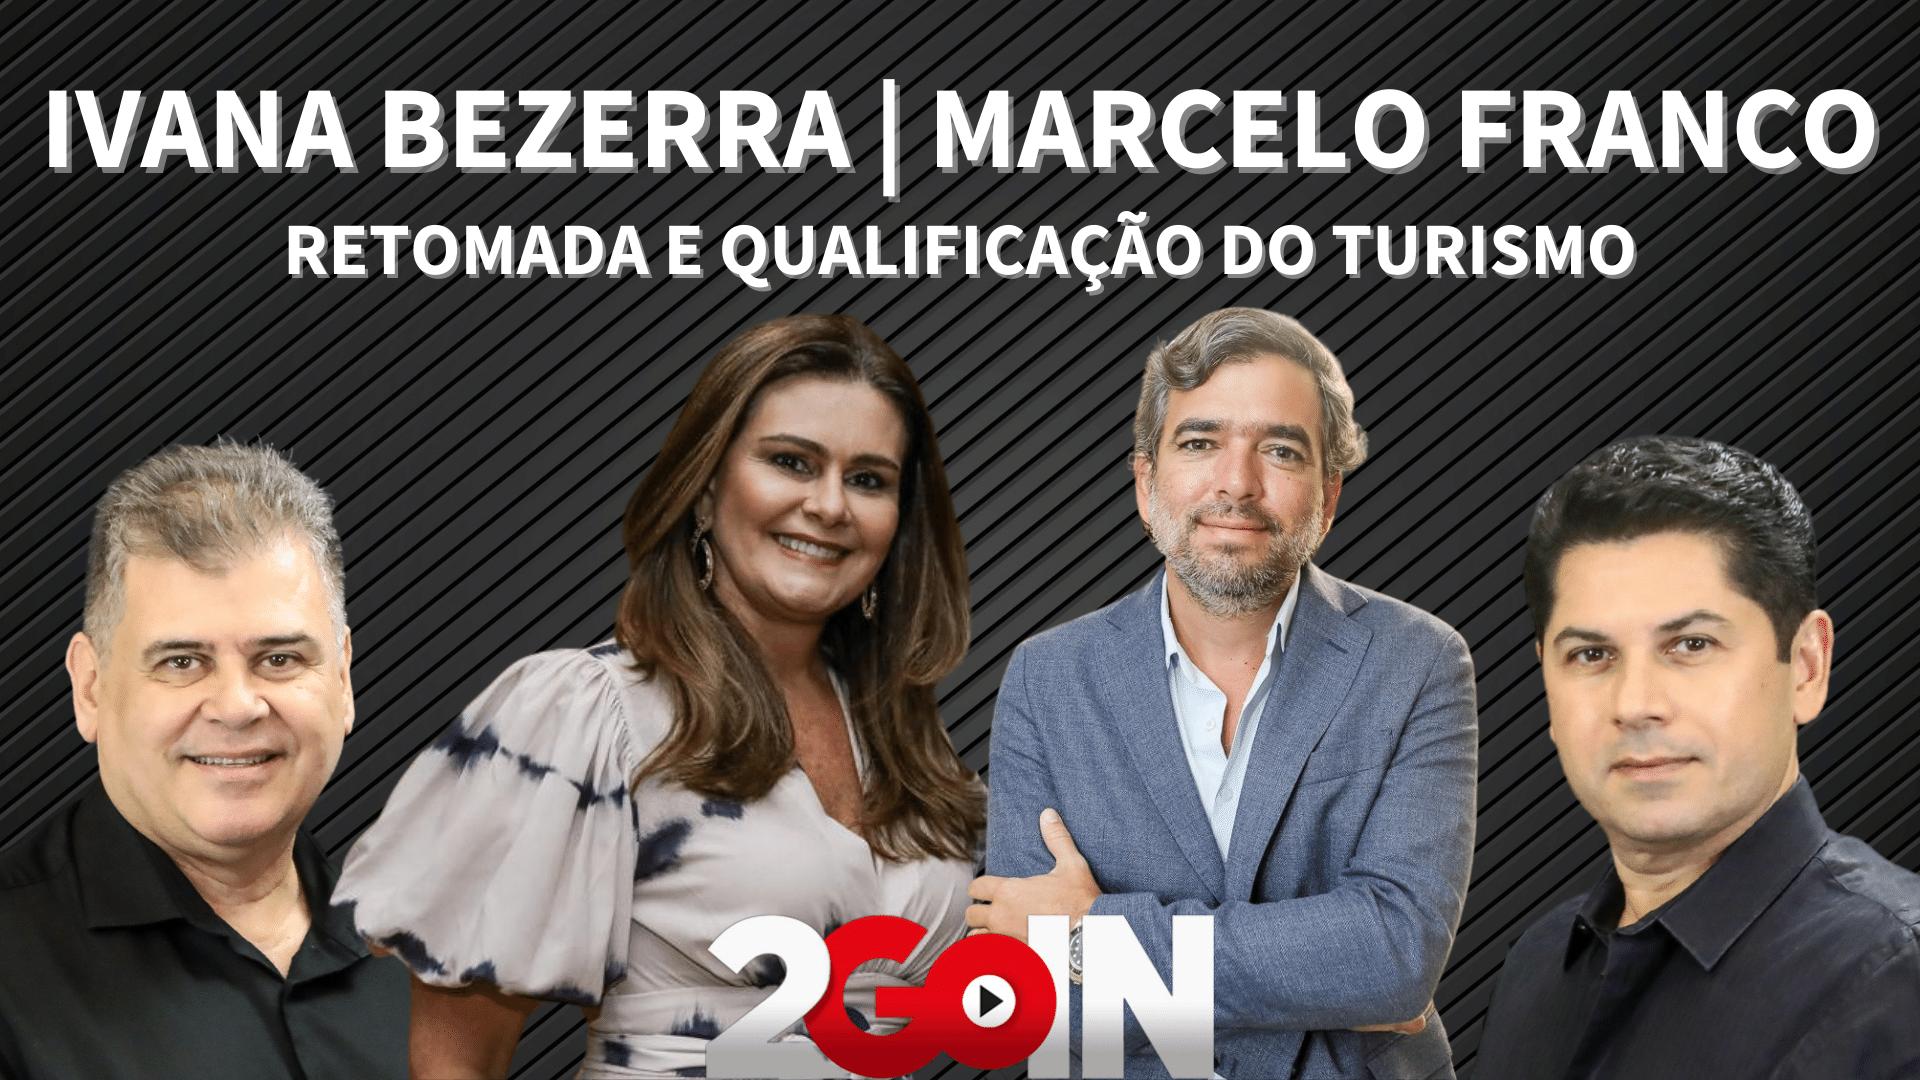 Ivana Bezerra e Marcelo Franco   Retomada e Qualificação do Turismo